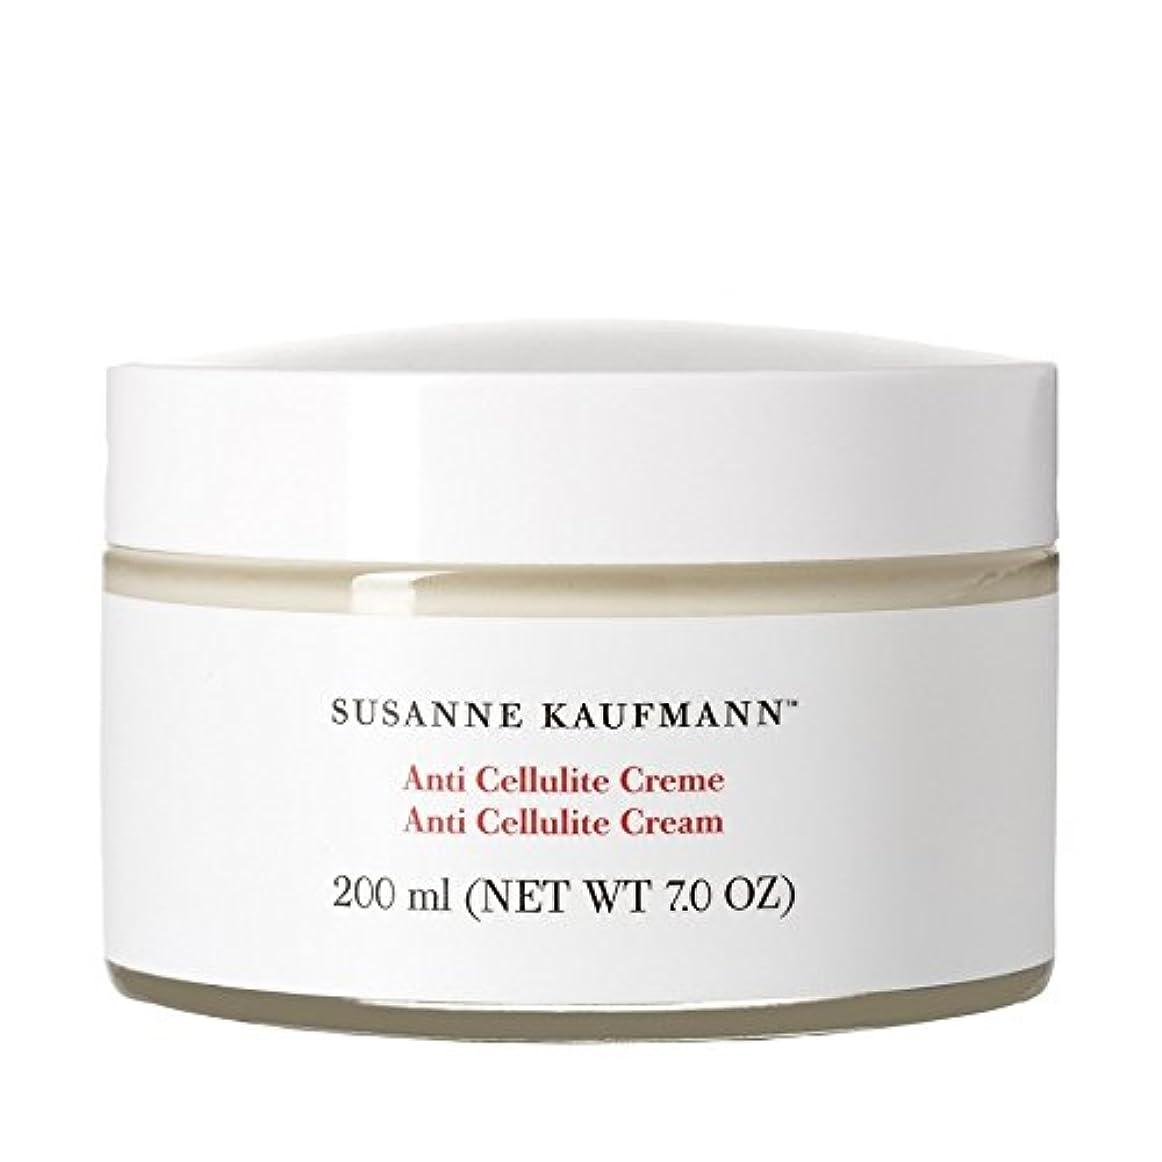 放棄された発行する低いスザンヌカウフマン抗セルライトクリーム200ミリリットル x2 - Susanne Kaufmann Anti Cellulite Cream 200ml (Pack of 2) [並行輸入品]